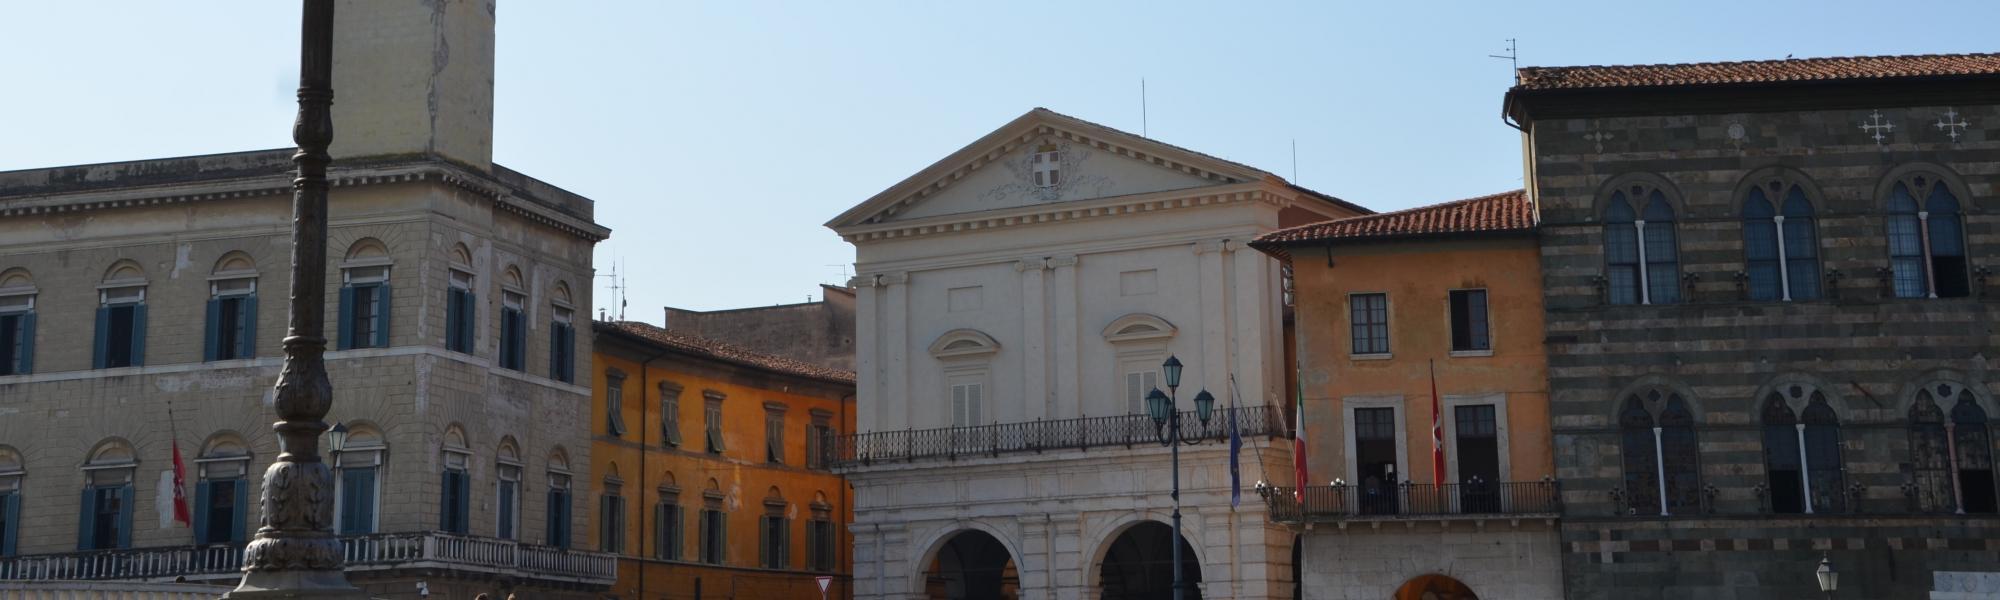 Logge di Banchi da Ponte di Mezzo (L. Corevi, Comune di Pisa)